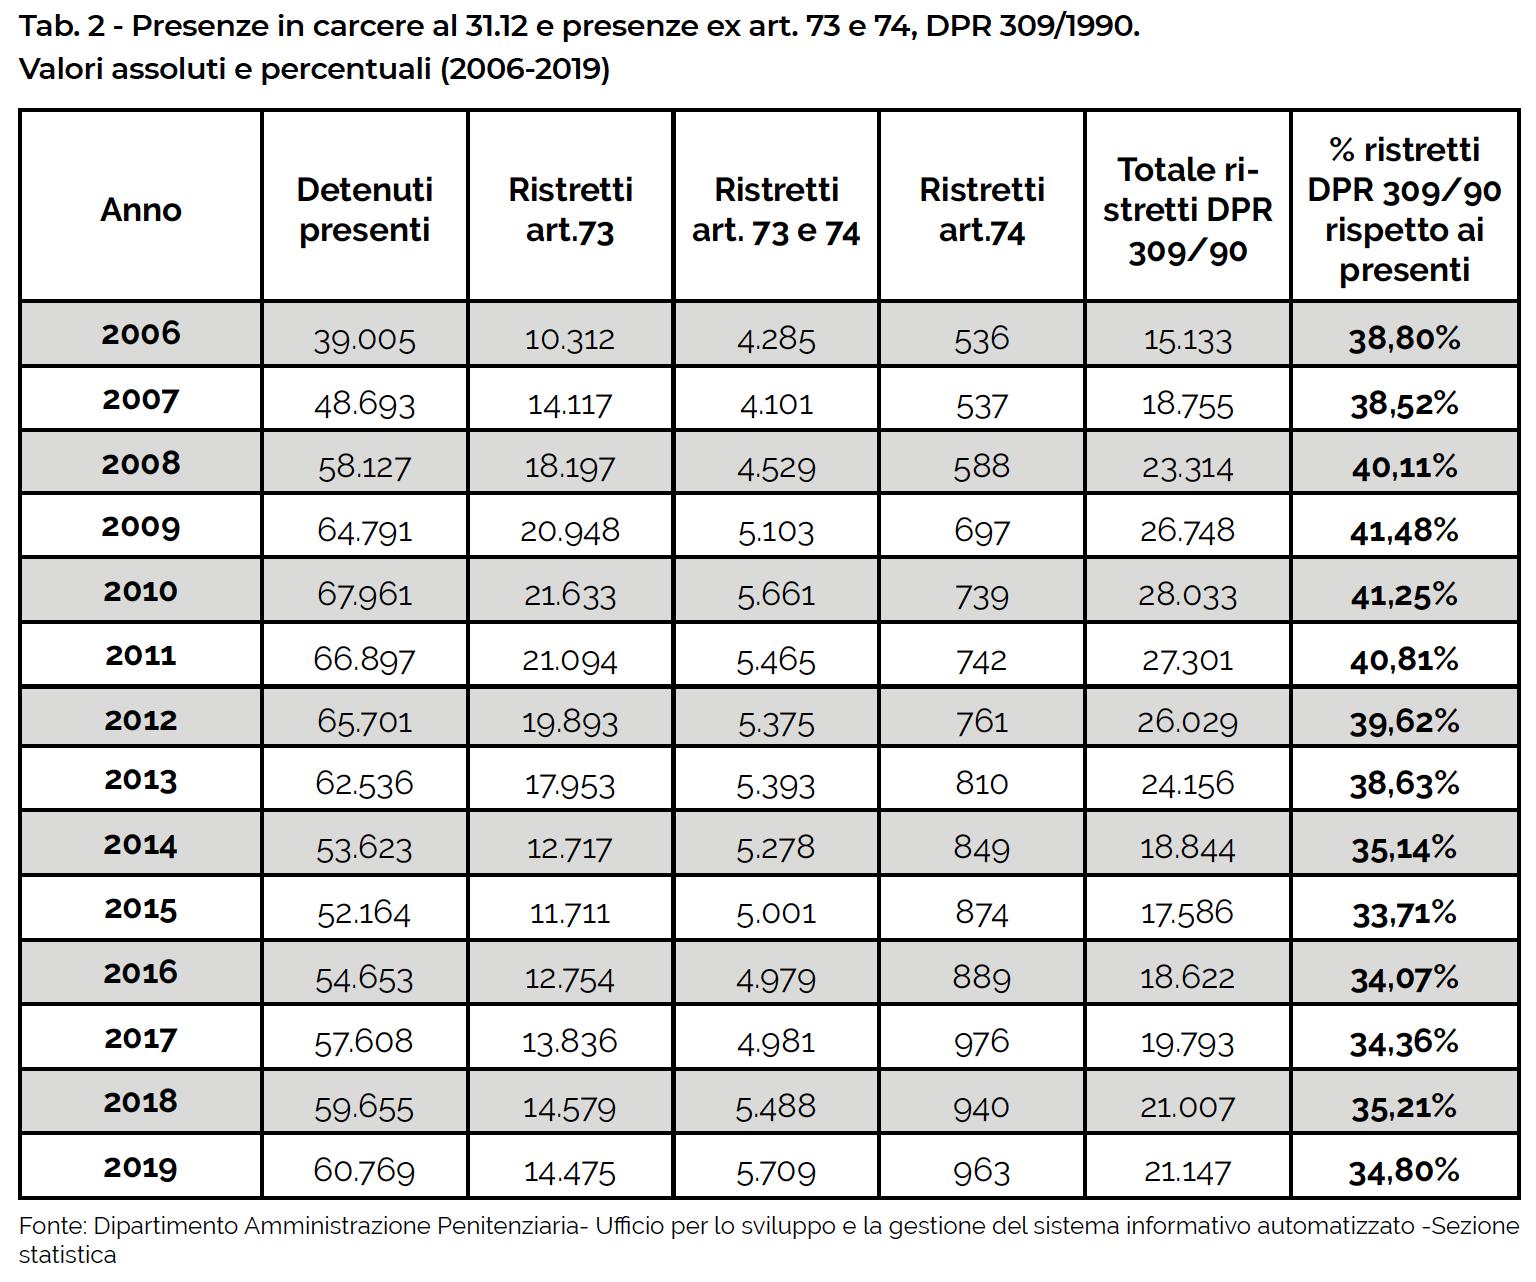 Tab. 2 - Presenze in carcere al 31.12 e presenze ex art. 73 e 74, DPR 309/1990. Valori assoluti e percentuali (2006-2019)